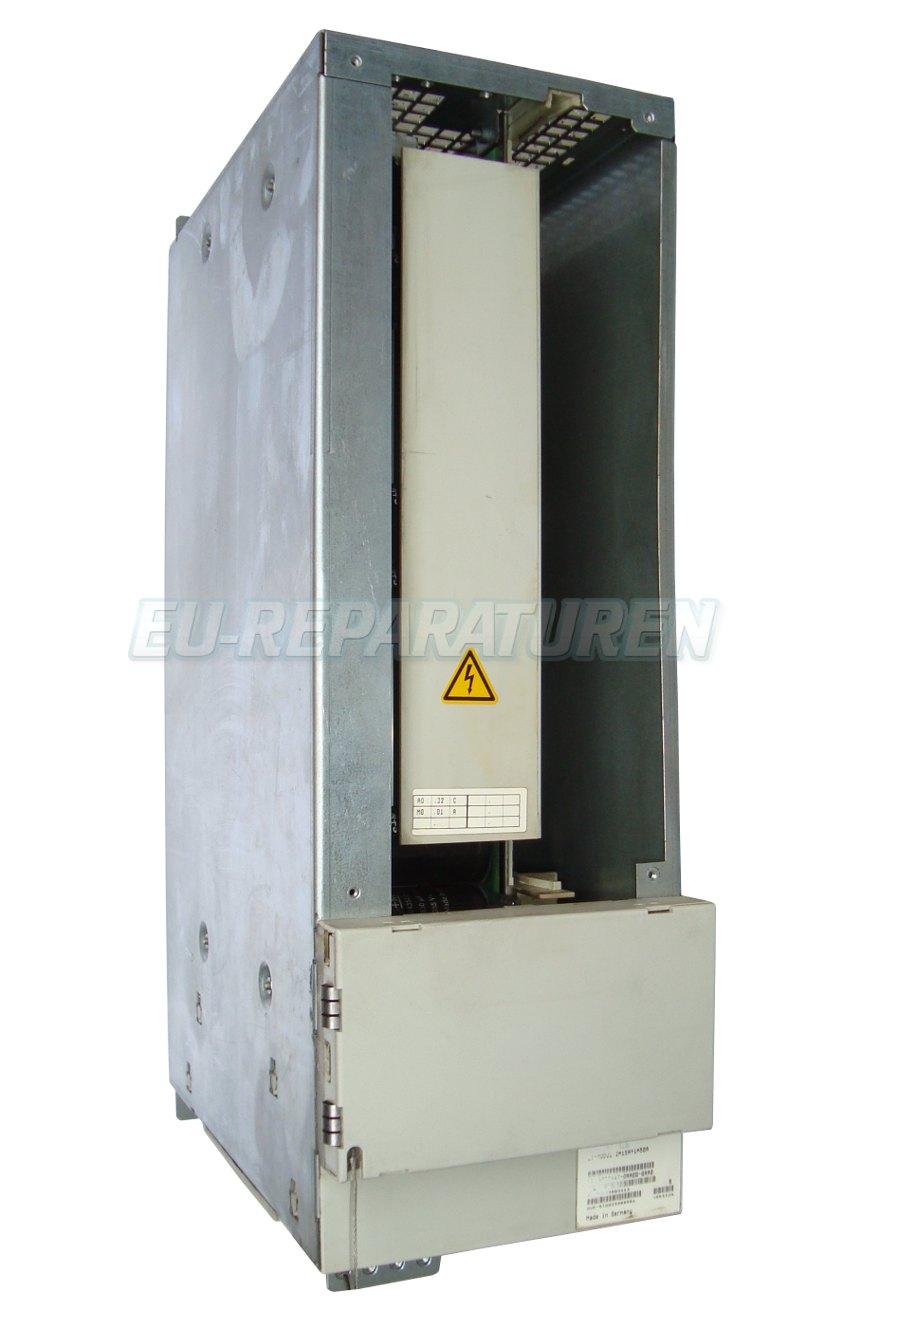 Reparatur Siemens 6FC5447-0AA01-0AA0 AC DRIVE